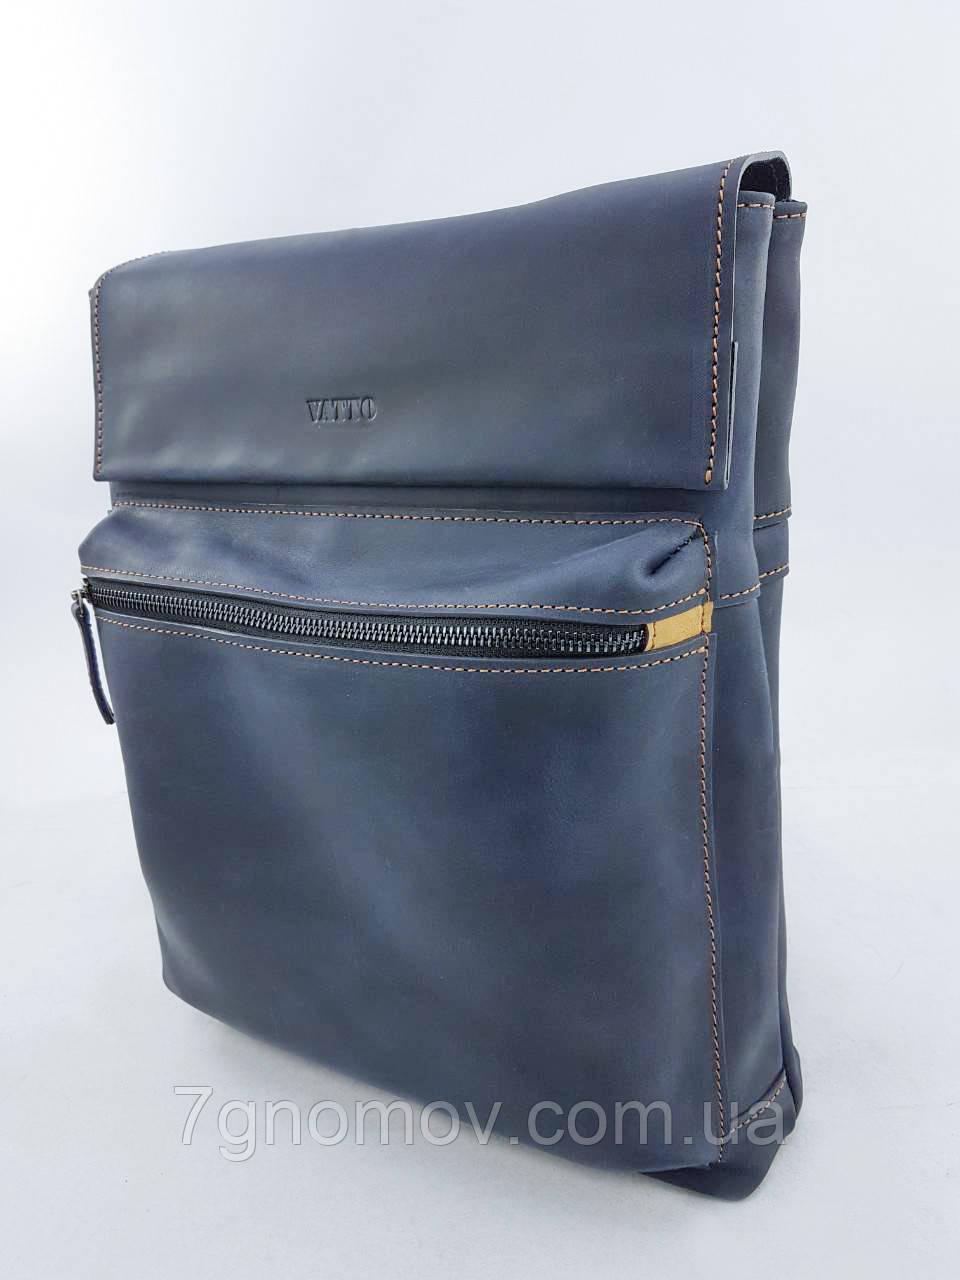 Мужская сумка VATTO Mk68 Kr600.190